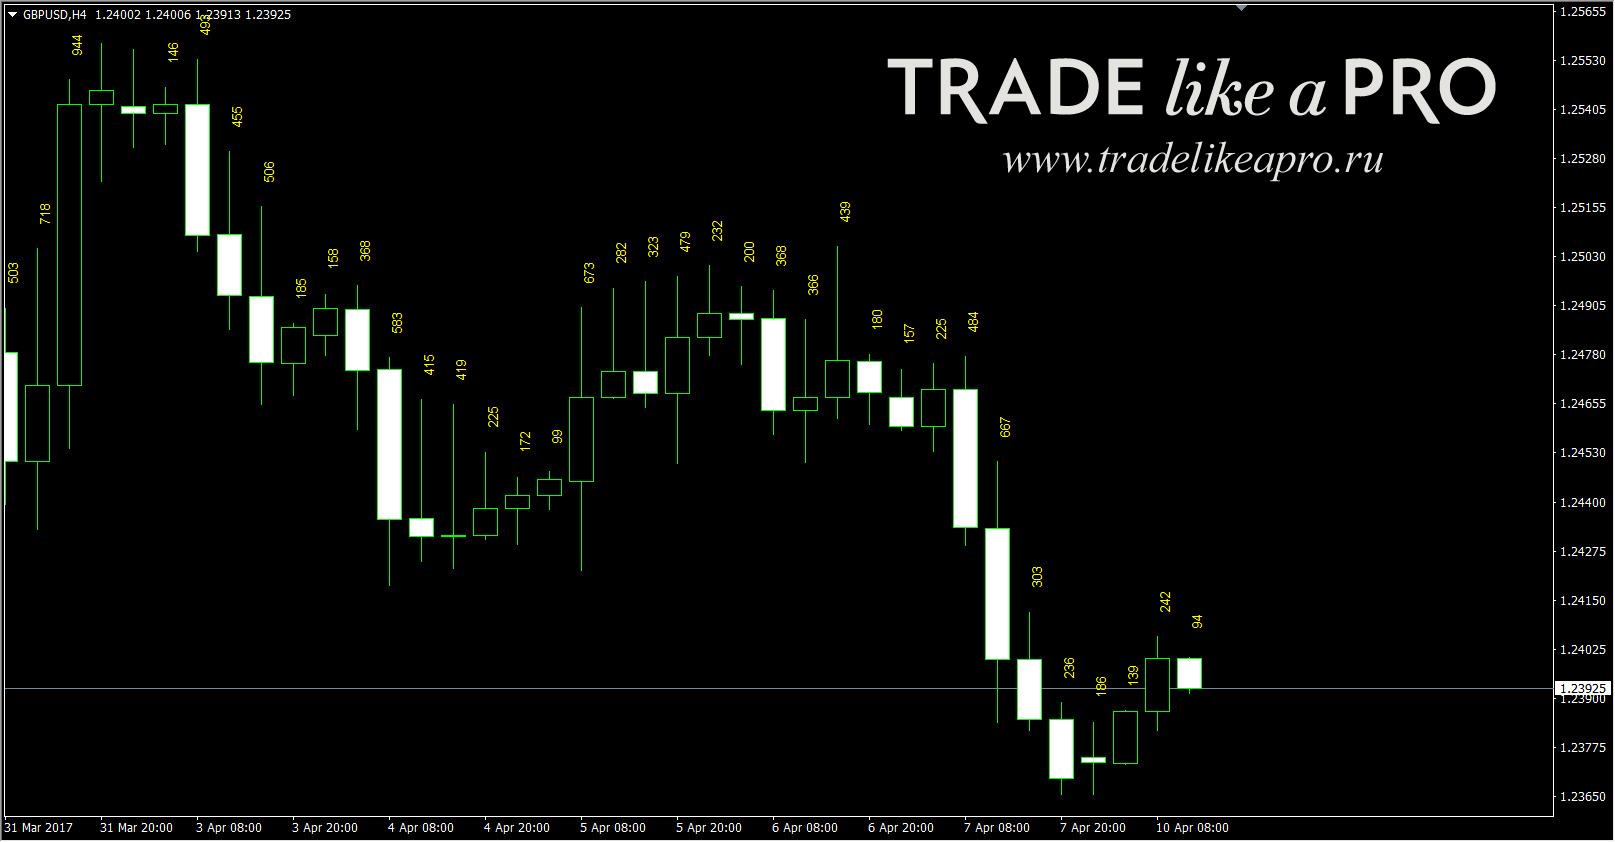 jurik prekybos rodikliai